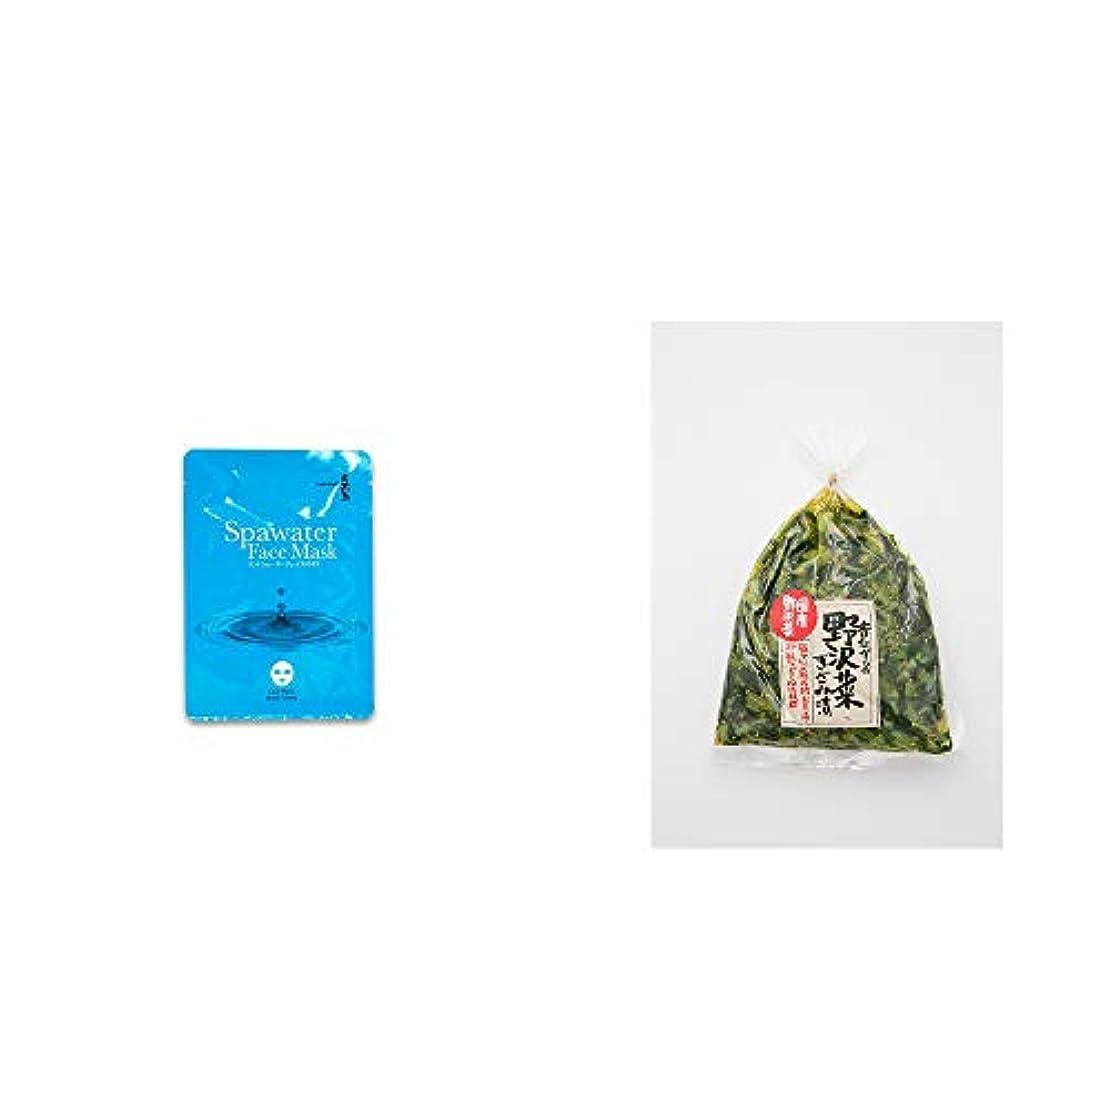 狂気以来ペイント[2点セット] ひのき炭黒泉 スパウォーターフェイスマスク(18ml×3枚入)?国産 昔ながらの野沢菜きざみ漬け(150g)